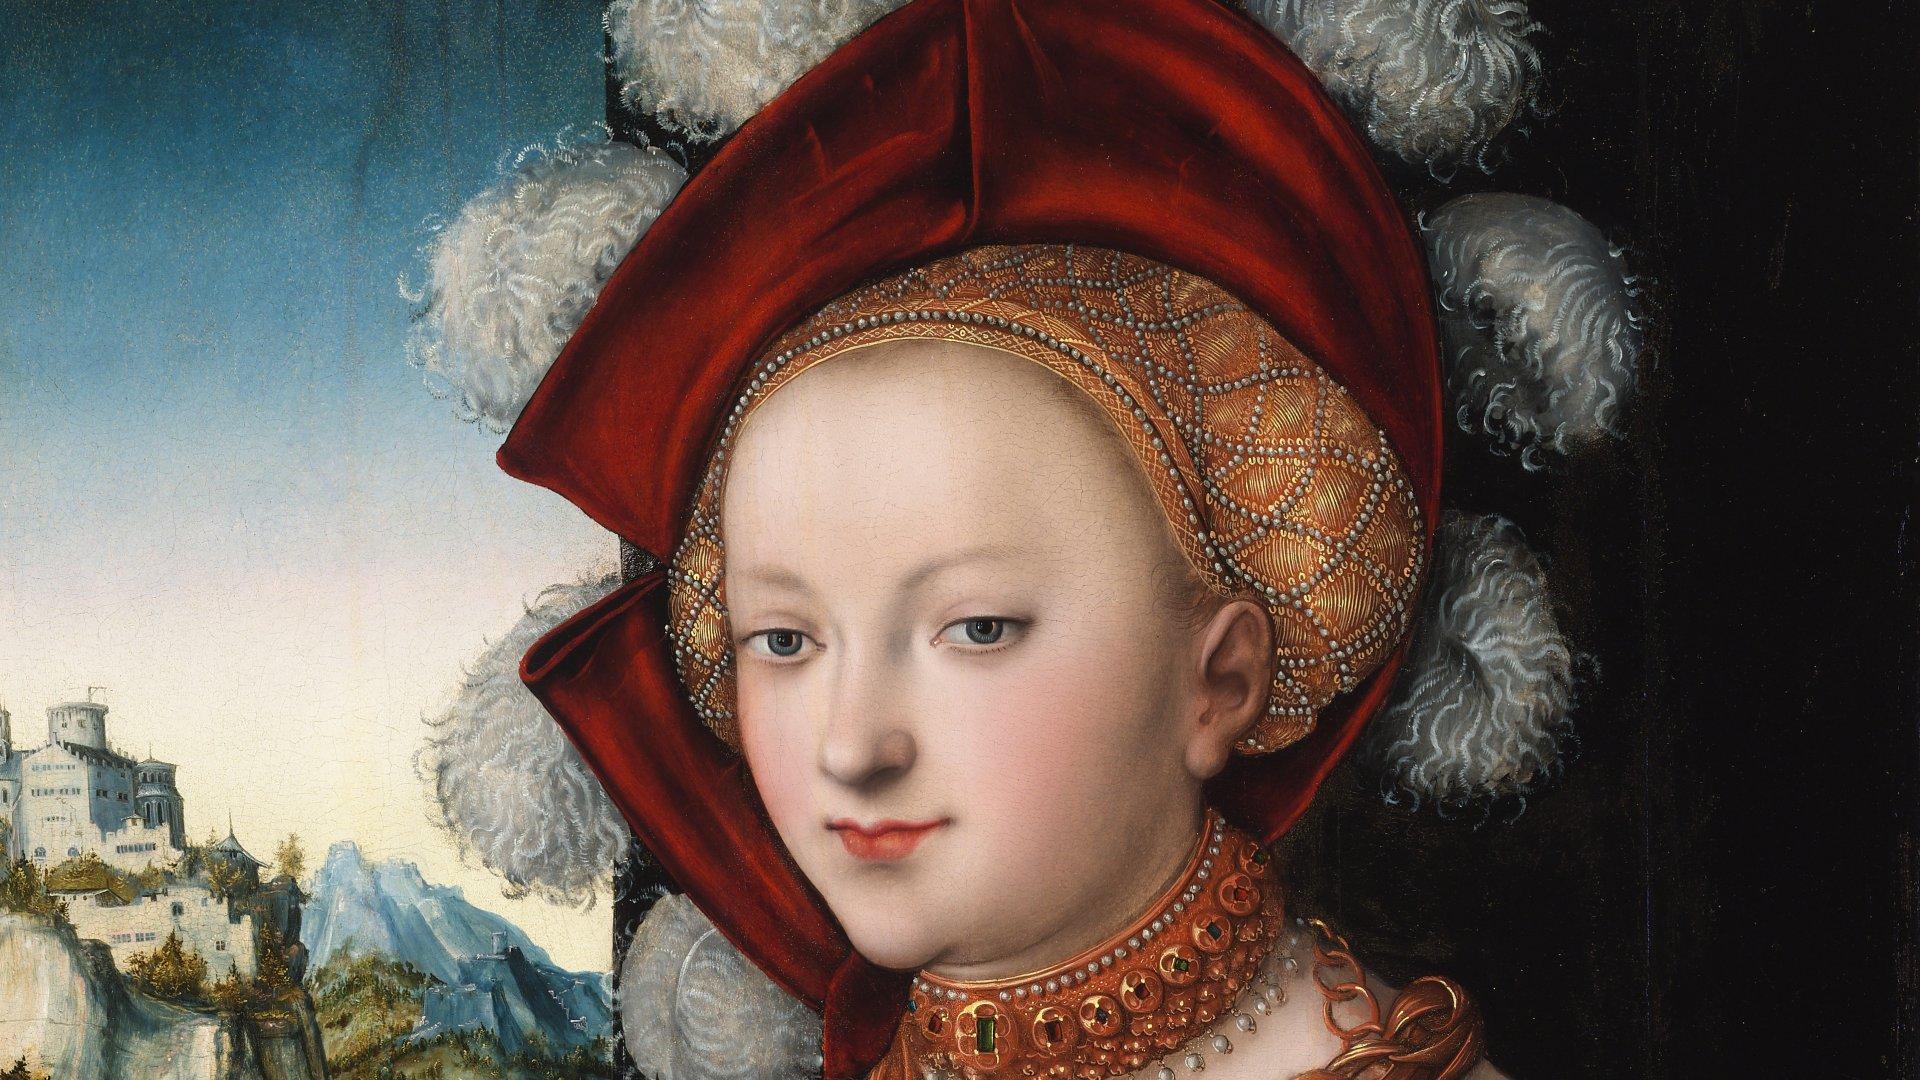 Lucas Cranach, el Viejo. Salomé con la cabeza de san Juan Bautista. Hacia 1526-1530. Óleo sobre tabla. 88,4 x 58,3 cm. Budapest, Museo de Bellas Artes.